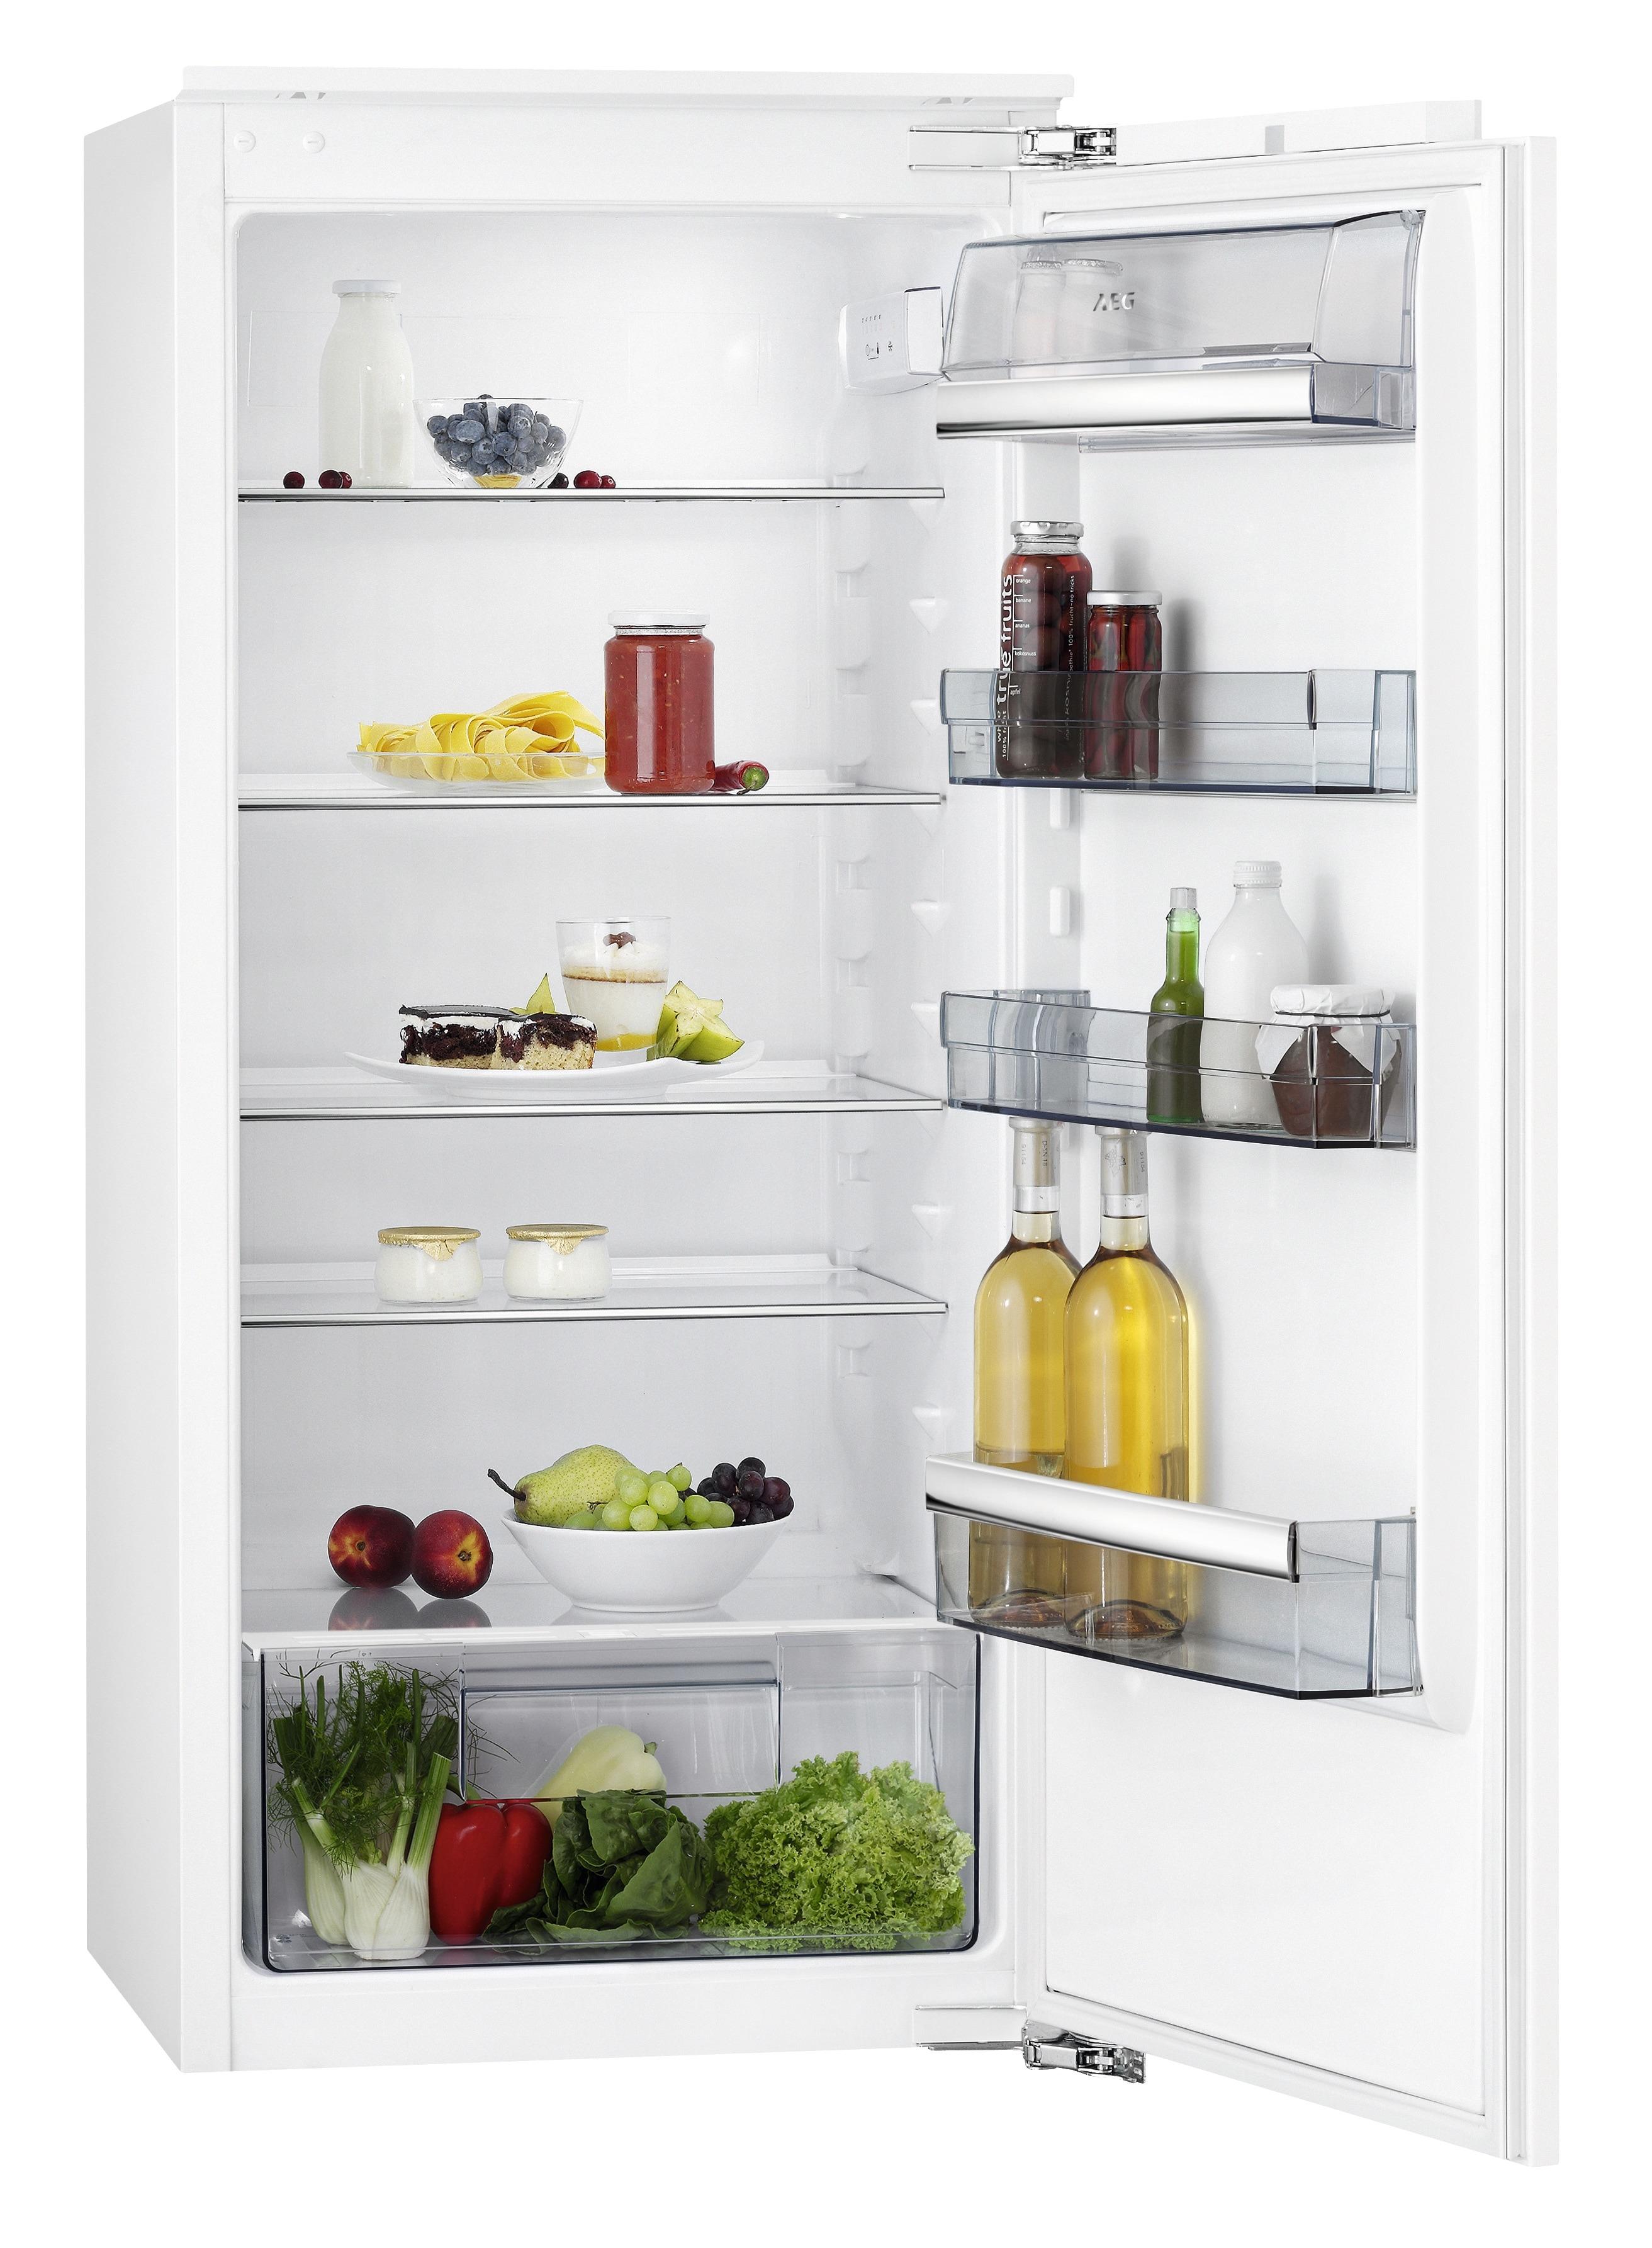 AEG SKB612F1AF Inbouw koelkast - Prijsvergelijk